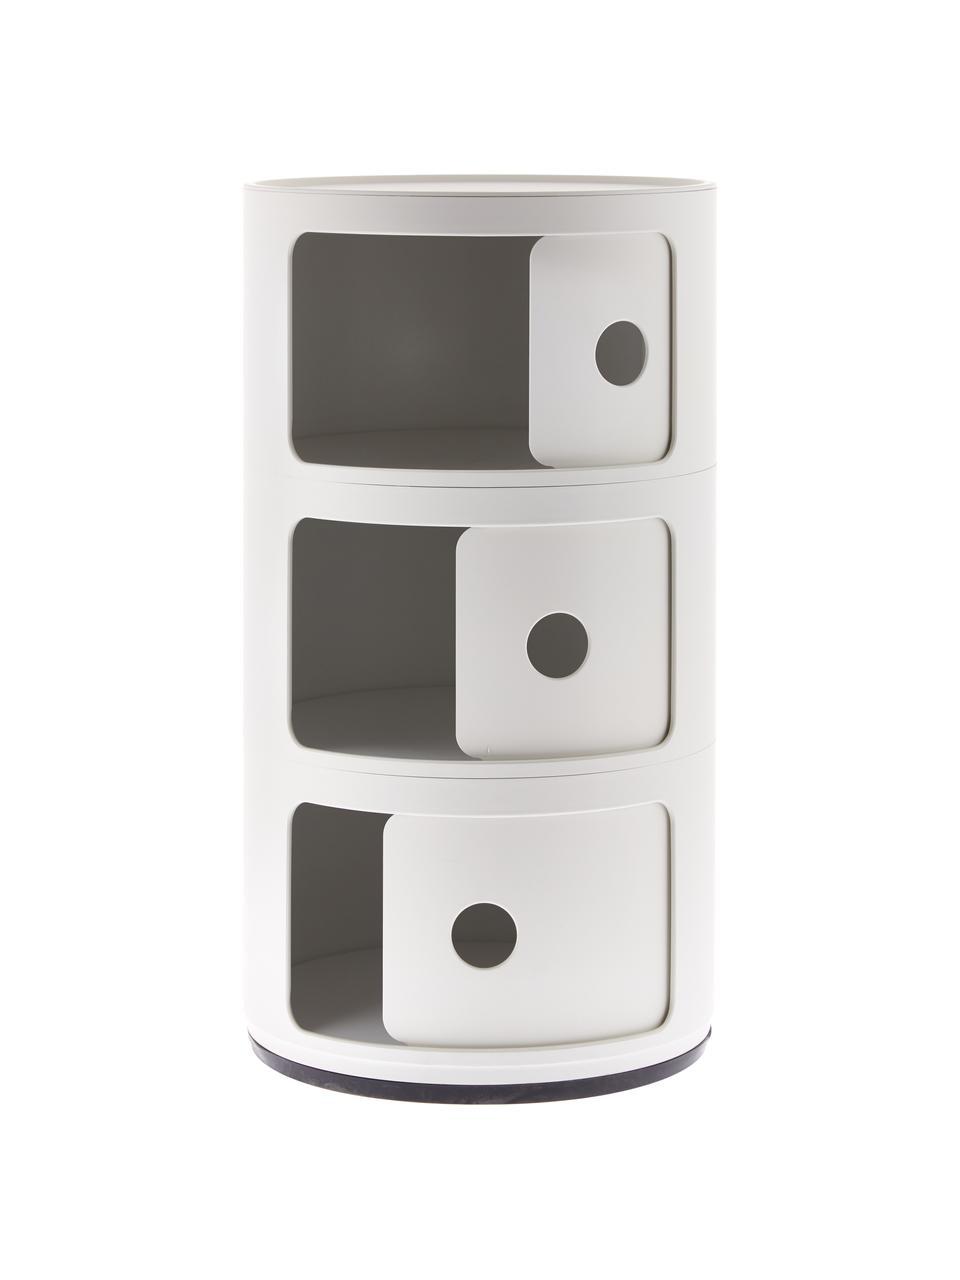 Stolik pomocniczy Componibili Recycled, Termoplastyczny technopolimer z recyklingowych odpadów przemysłowych, Biały, matowy, Ø 32 x W 59 cm